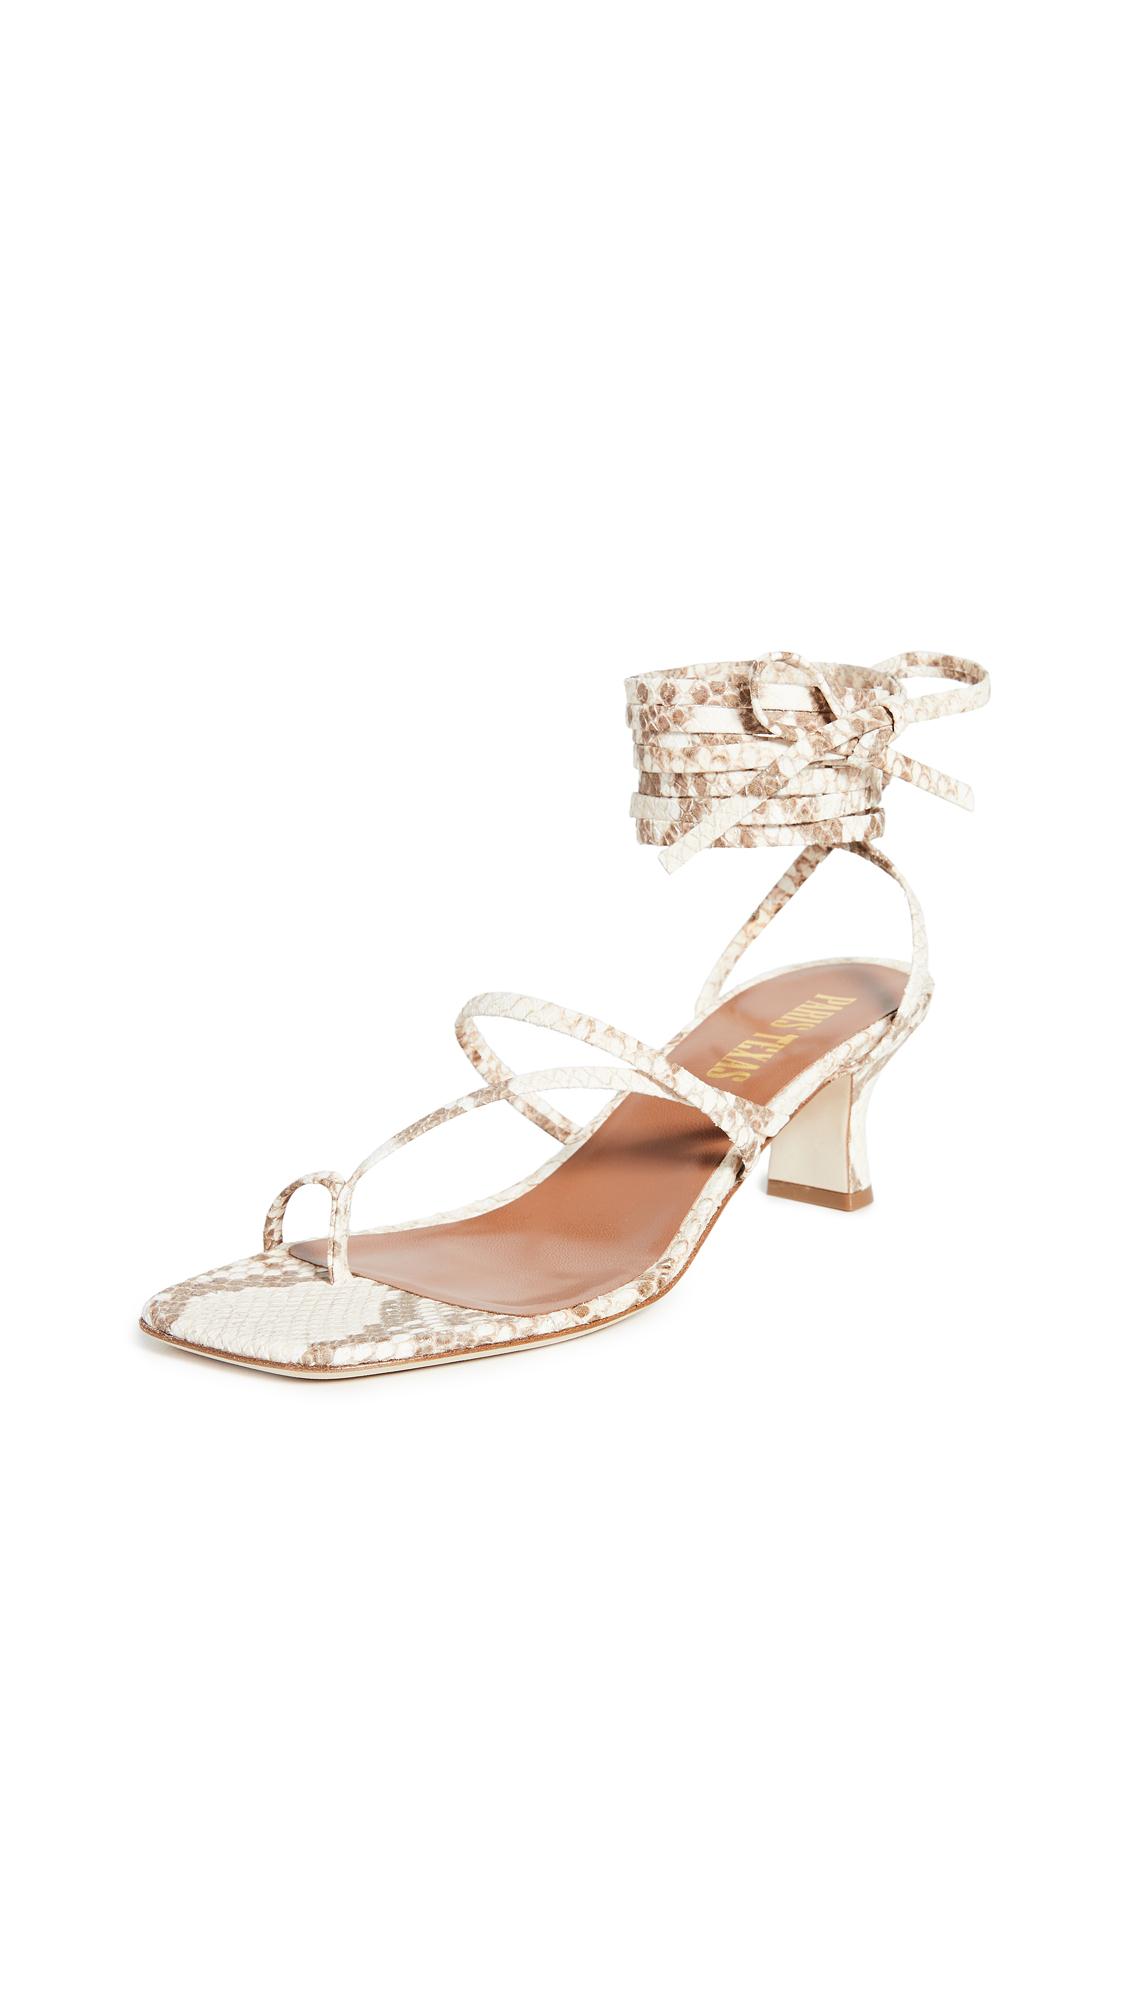 Buy Paris Texas Faded Python Print Wrap Sandals online, shop Paris Texas